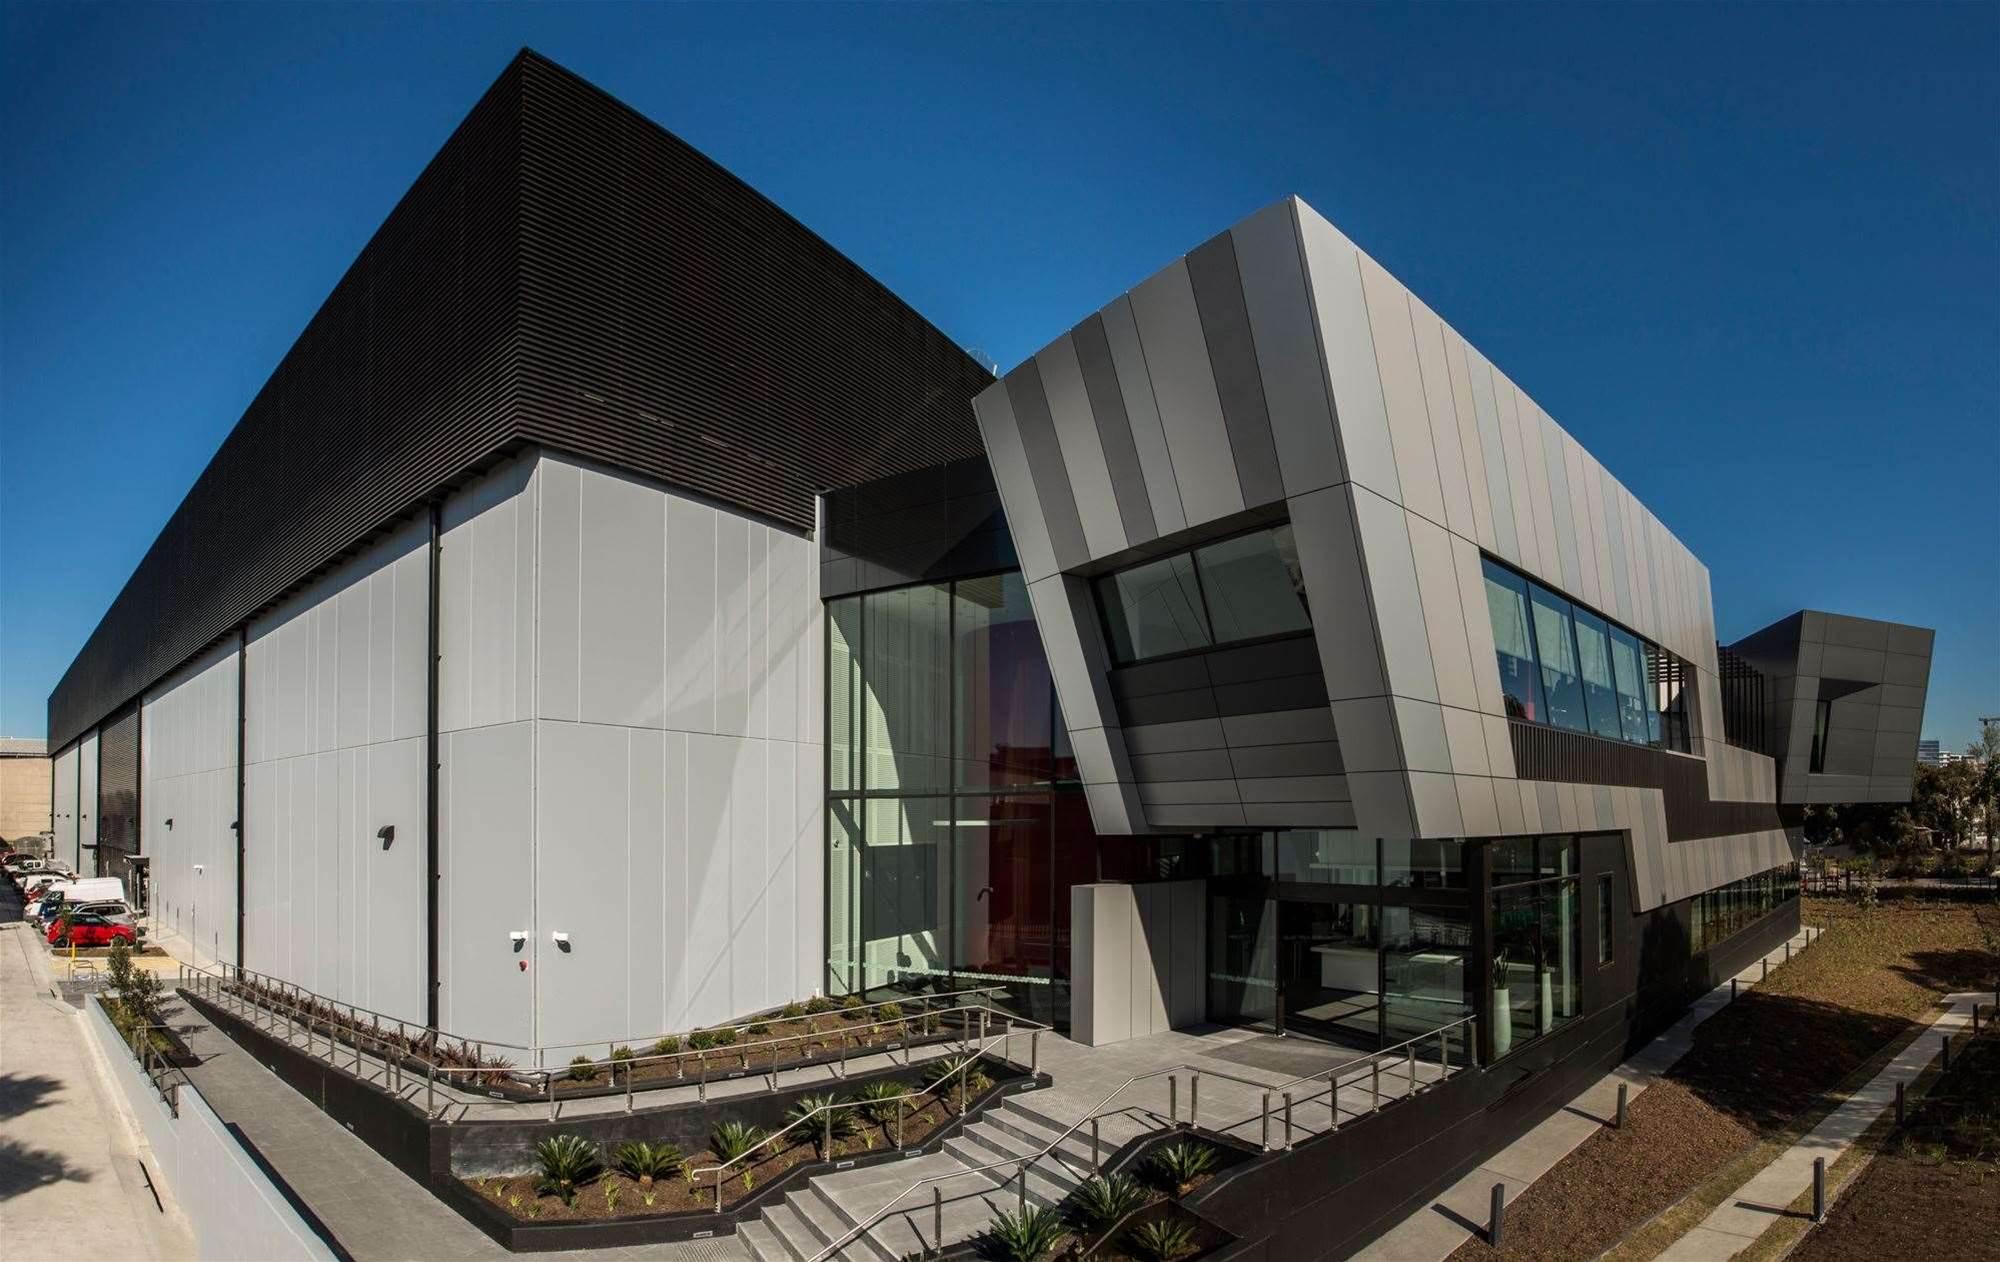 Photos: Inside Equinix's new Sydney data centre